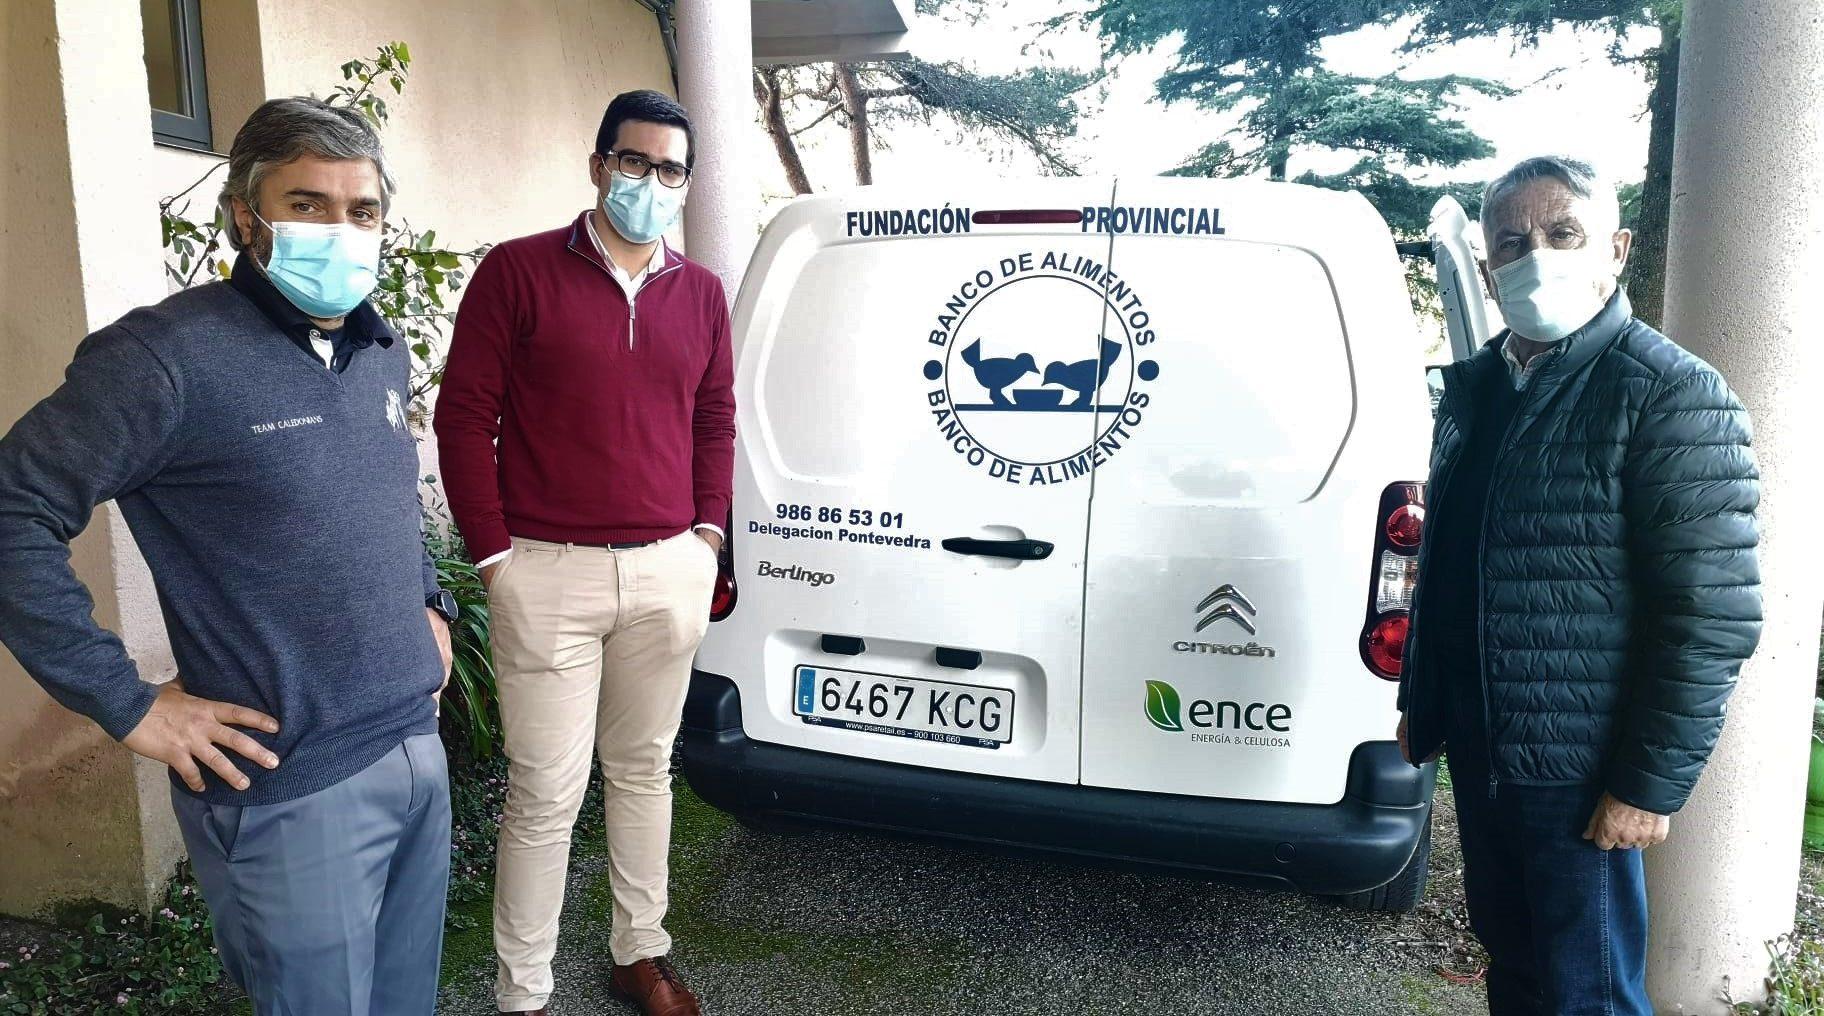 La Solidaridad Viaja En Furgoneta: Del Club Chan Do Fento A Los Hogares Más Necesitados